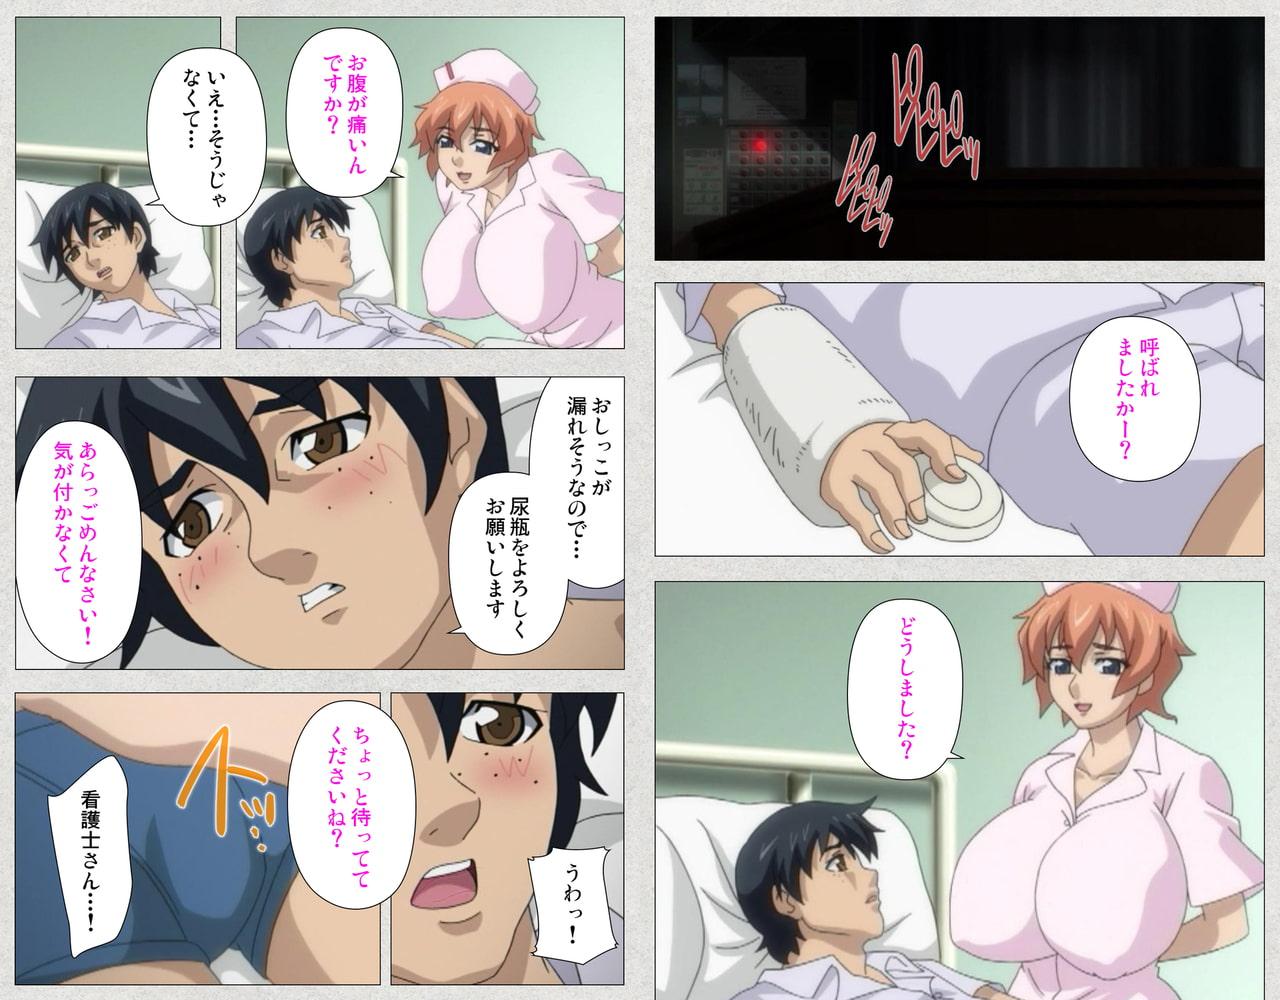 【フルカラー成人版】爆乳BOMB #1 看護士 立花薫 病院の中は煩悩がいっぱい。